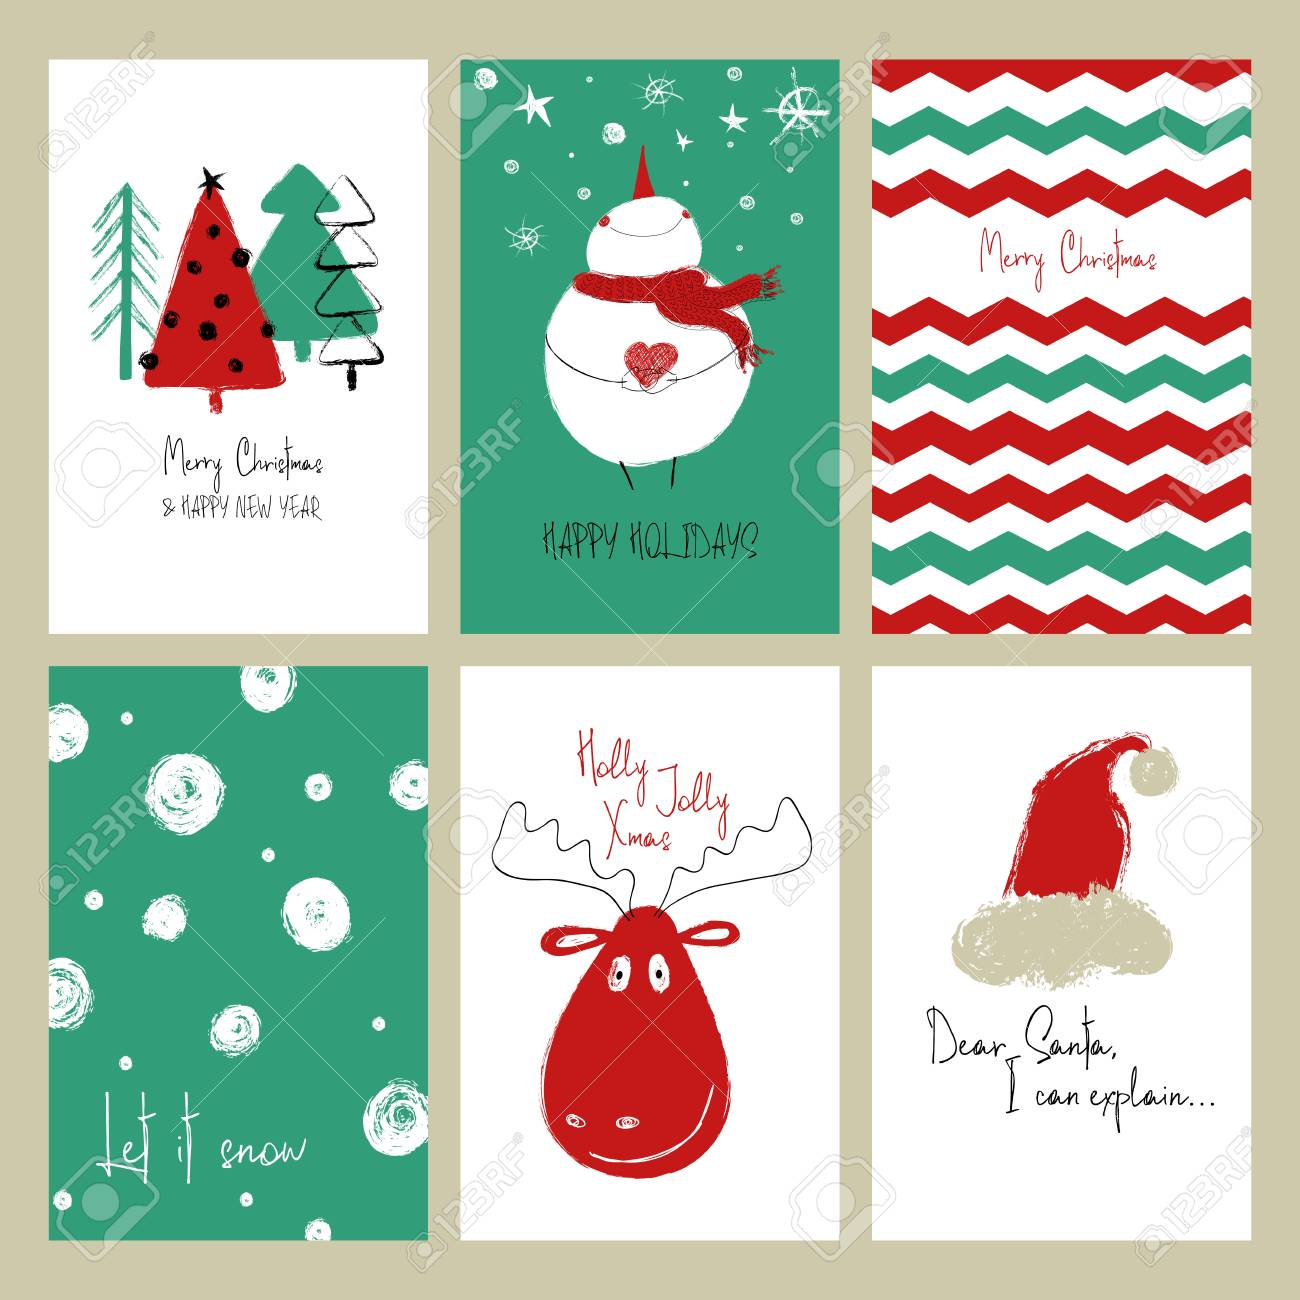 Jeu De Cartes De Voeux De Noël. Cartes De Grunge Dessinés à La